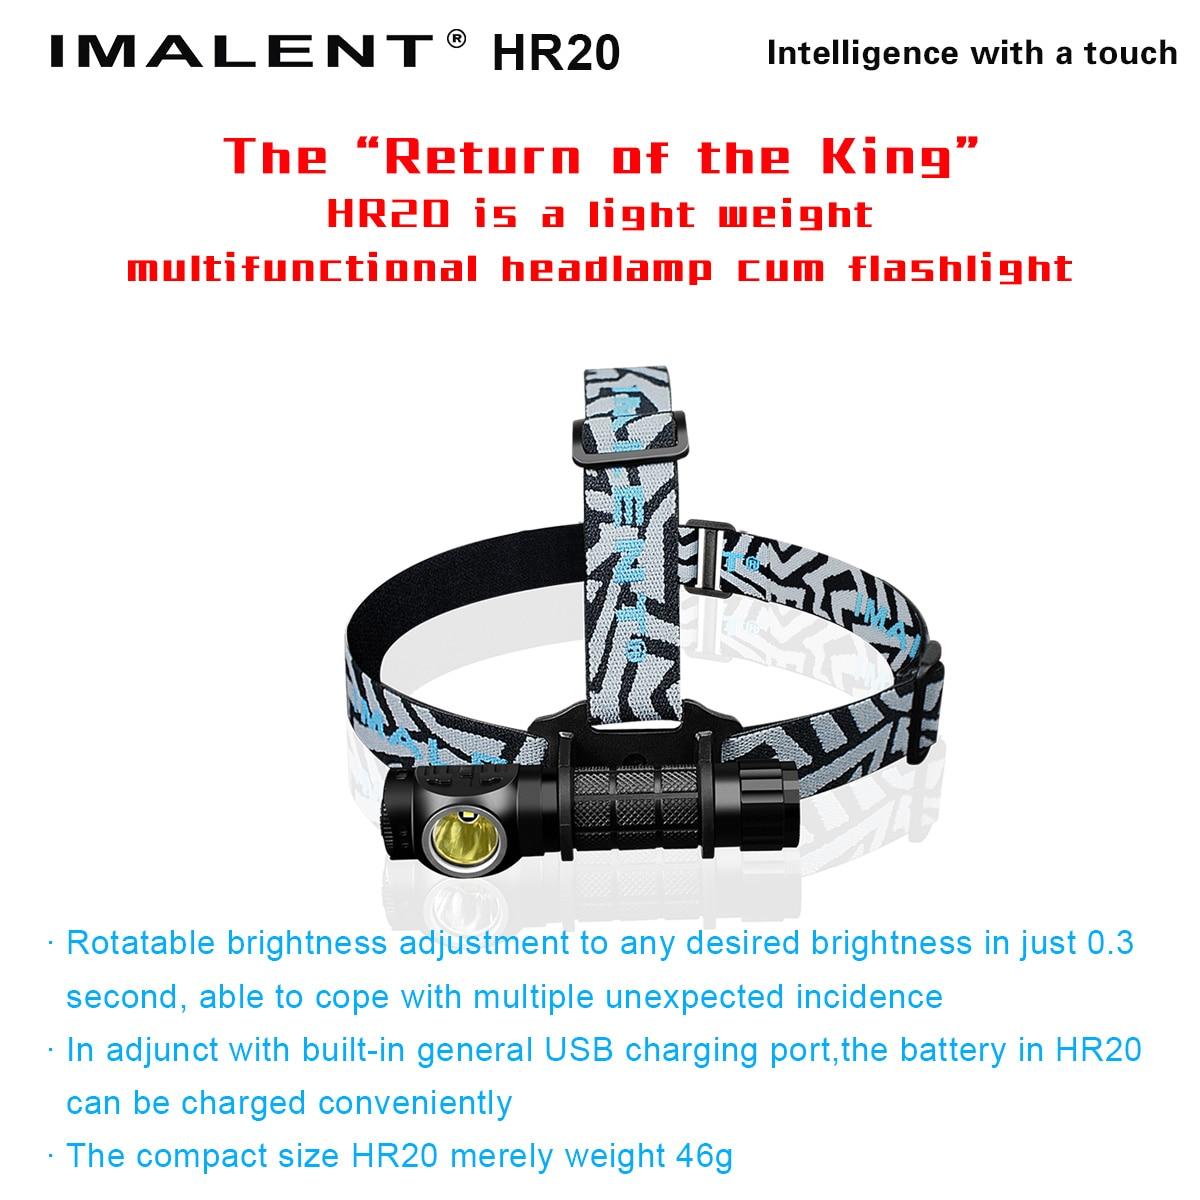 MALENT HR20 Phares LED Phares De Pêche Vélo Éclairage vélo USB Rechargeable Camping En Plein Air Lumières Mini Phares